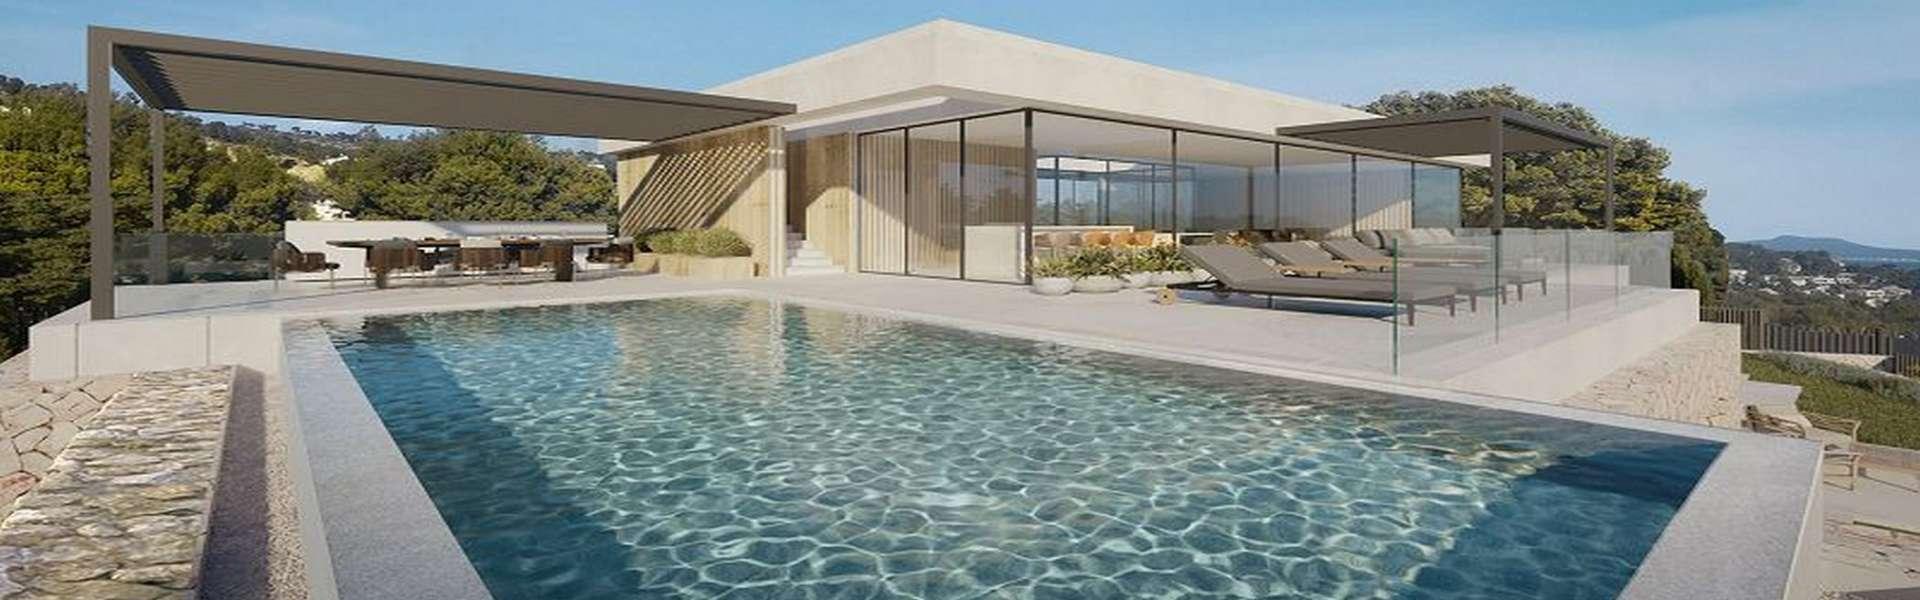 Costa d'en Blanes - Baugrundstück mit genehmigtem Projekt und ausgezeichnetem Meerblick